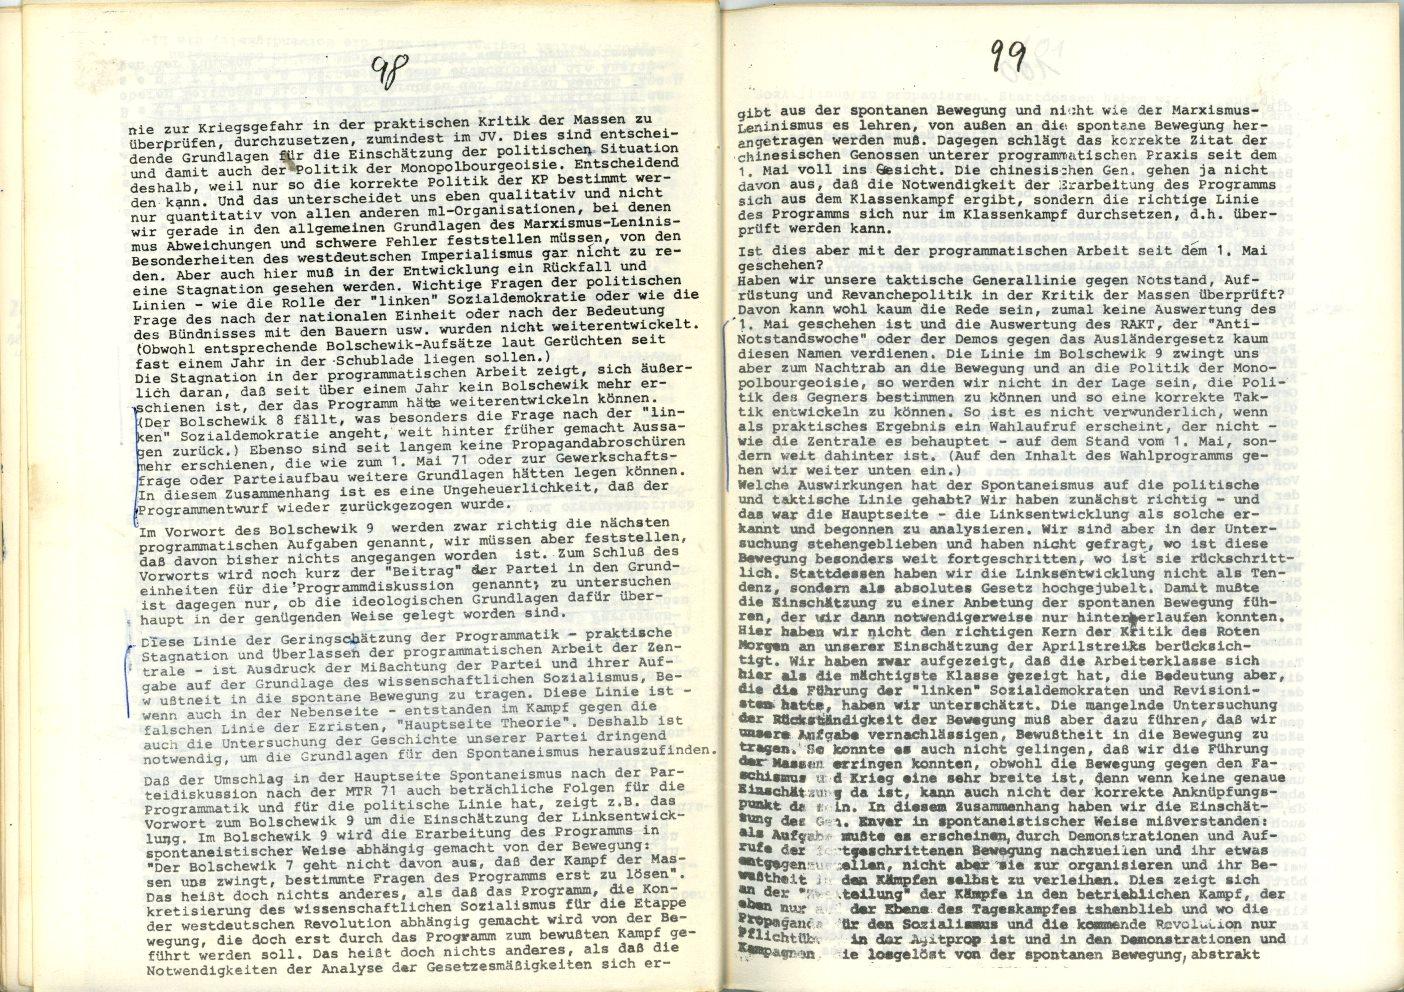 ZB_1972_Diskussionsorgan_zur_ersten_Parteikonferenz_55